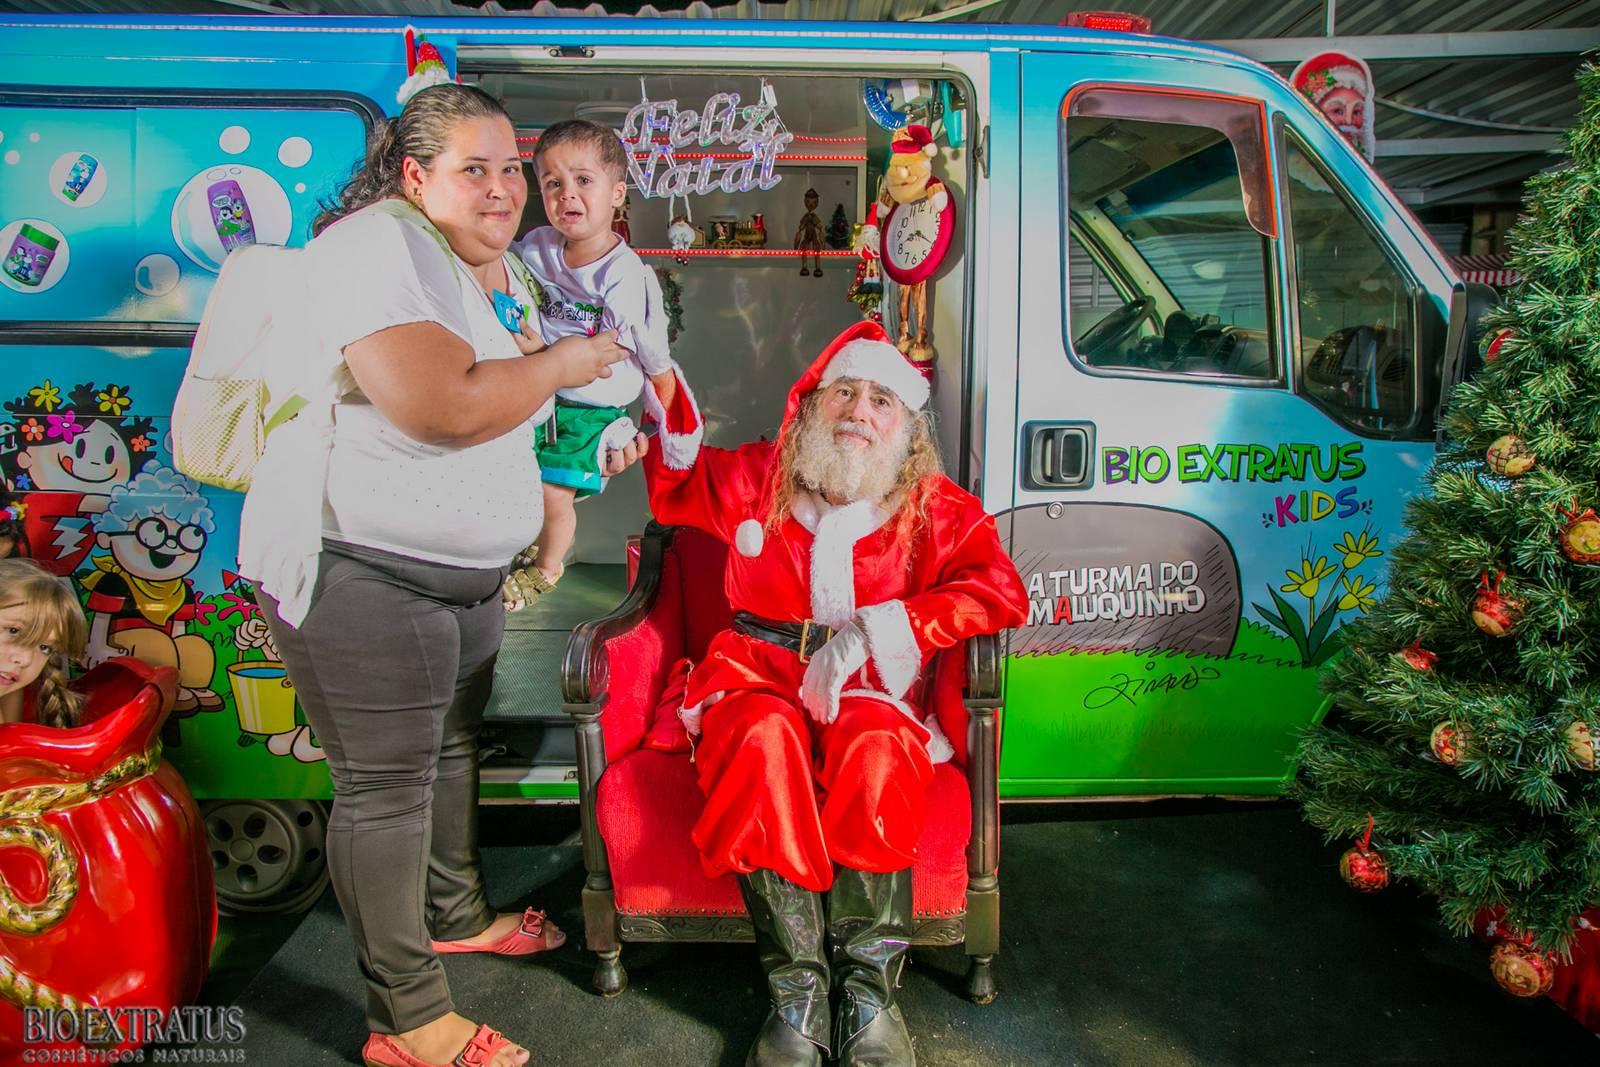 Confraternização de Natal Bio Extratus 2015 para as crianças (23)